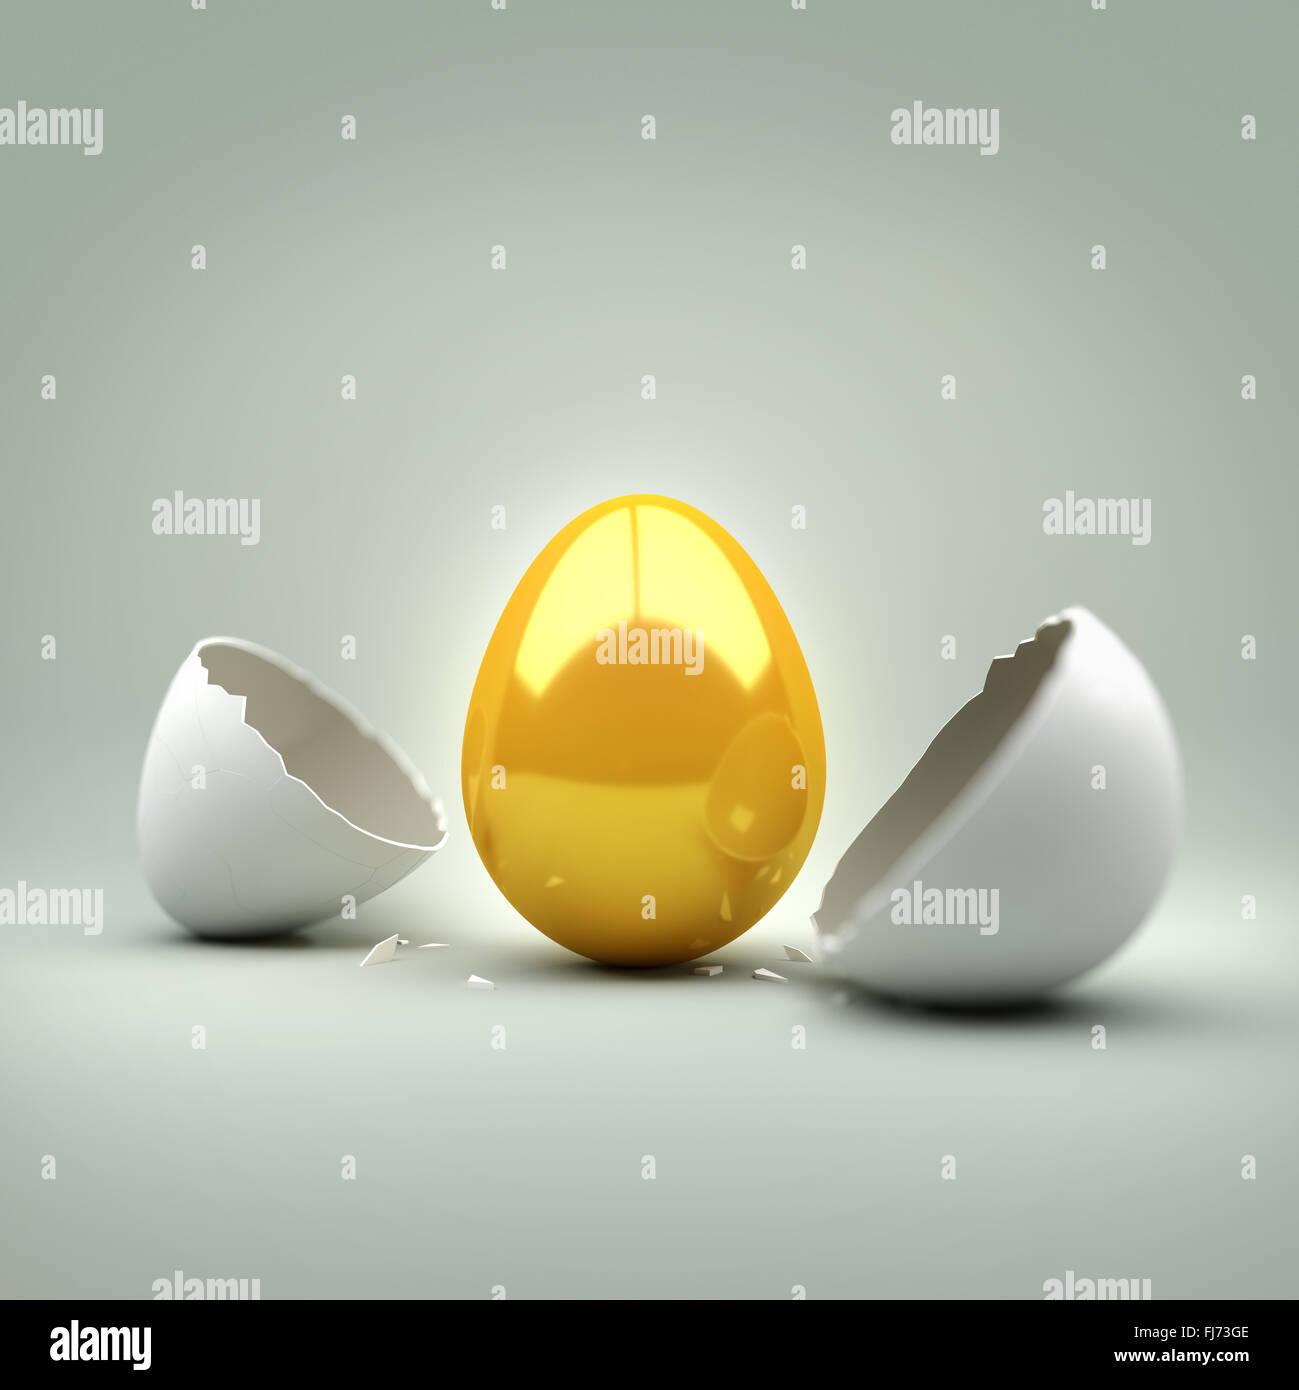 Neues goldenes Ei. Das Ei eines gerissenen enthüllt ein neues goldenes Ei. Konzept. Stockbild